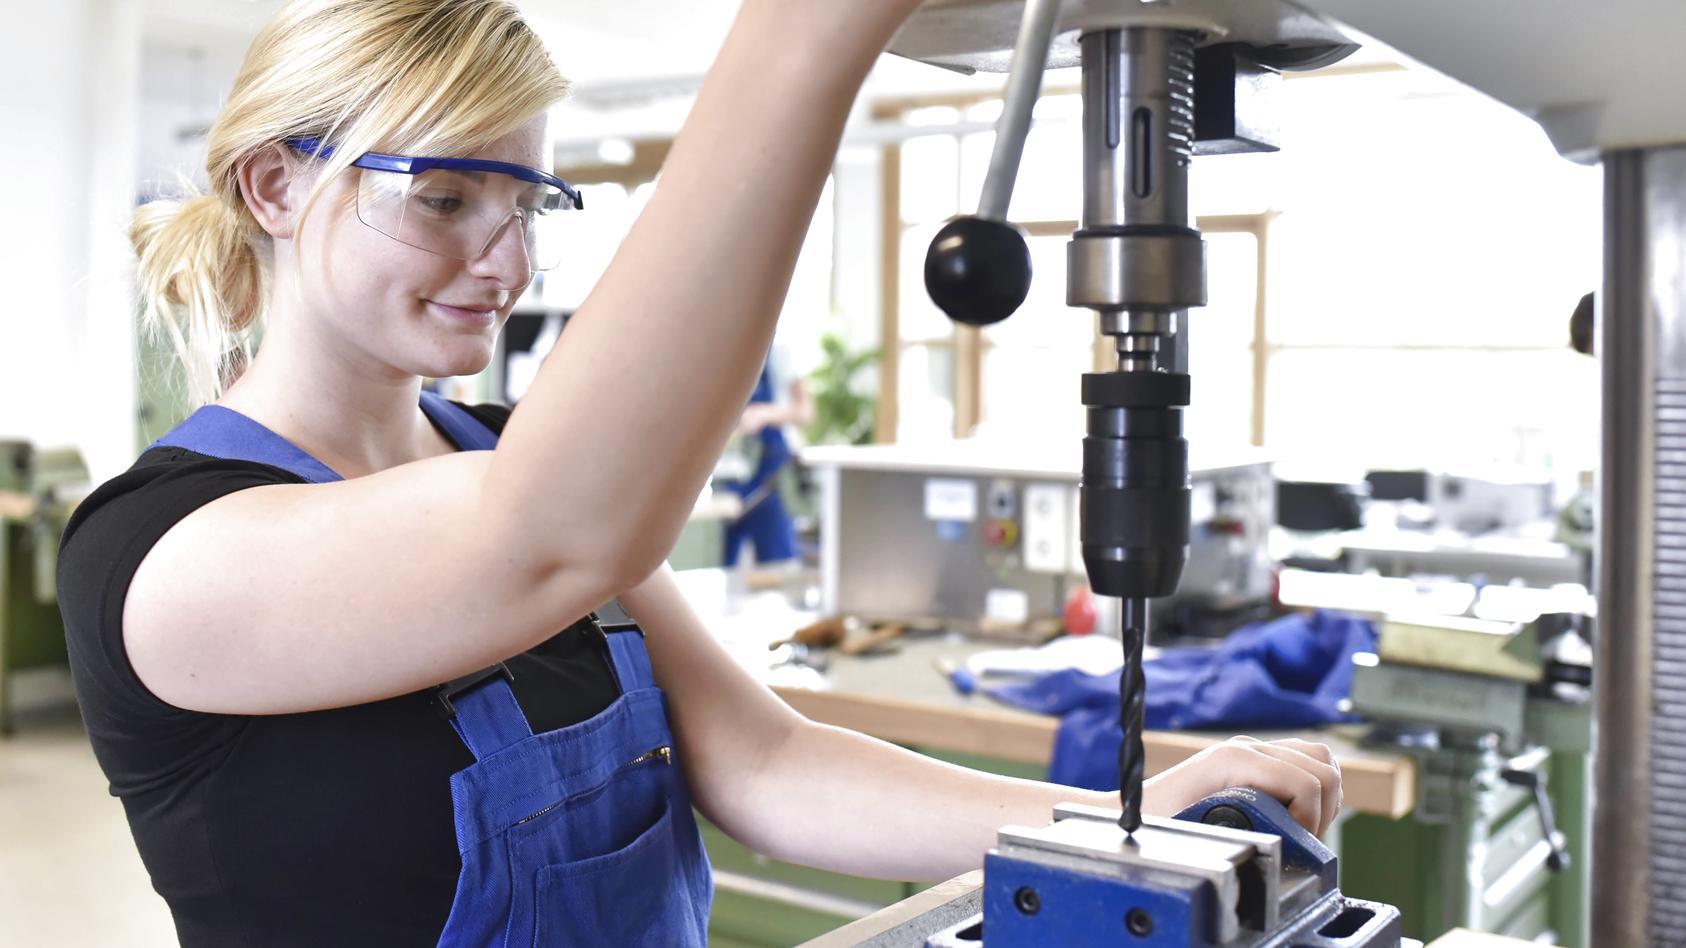 Mehr Mädchen wählen mittlerweile Berufe, die vor allem bei Jungs beliebt sind.